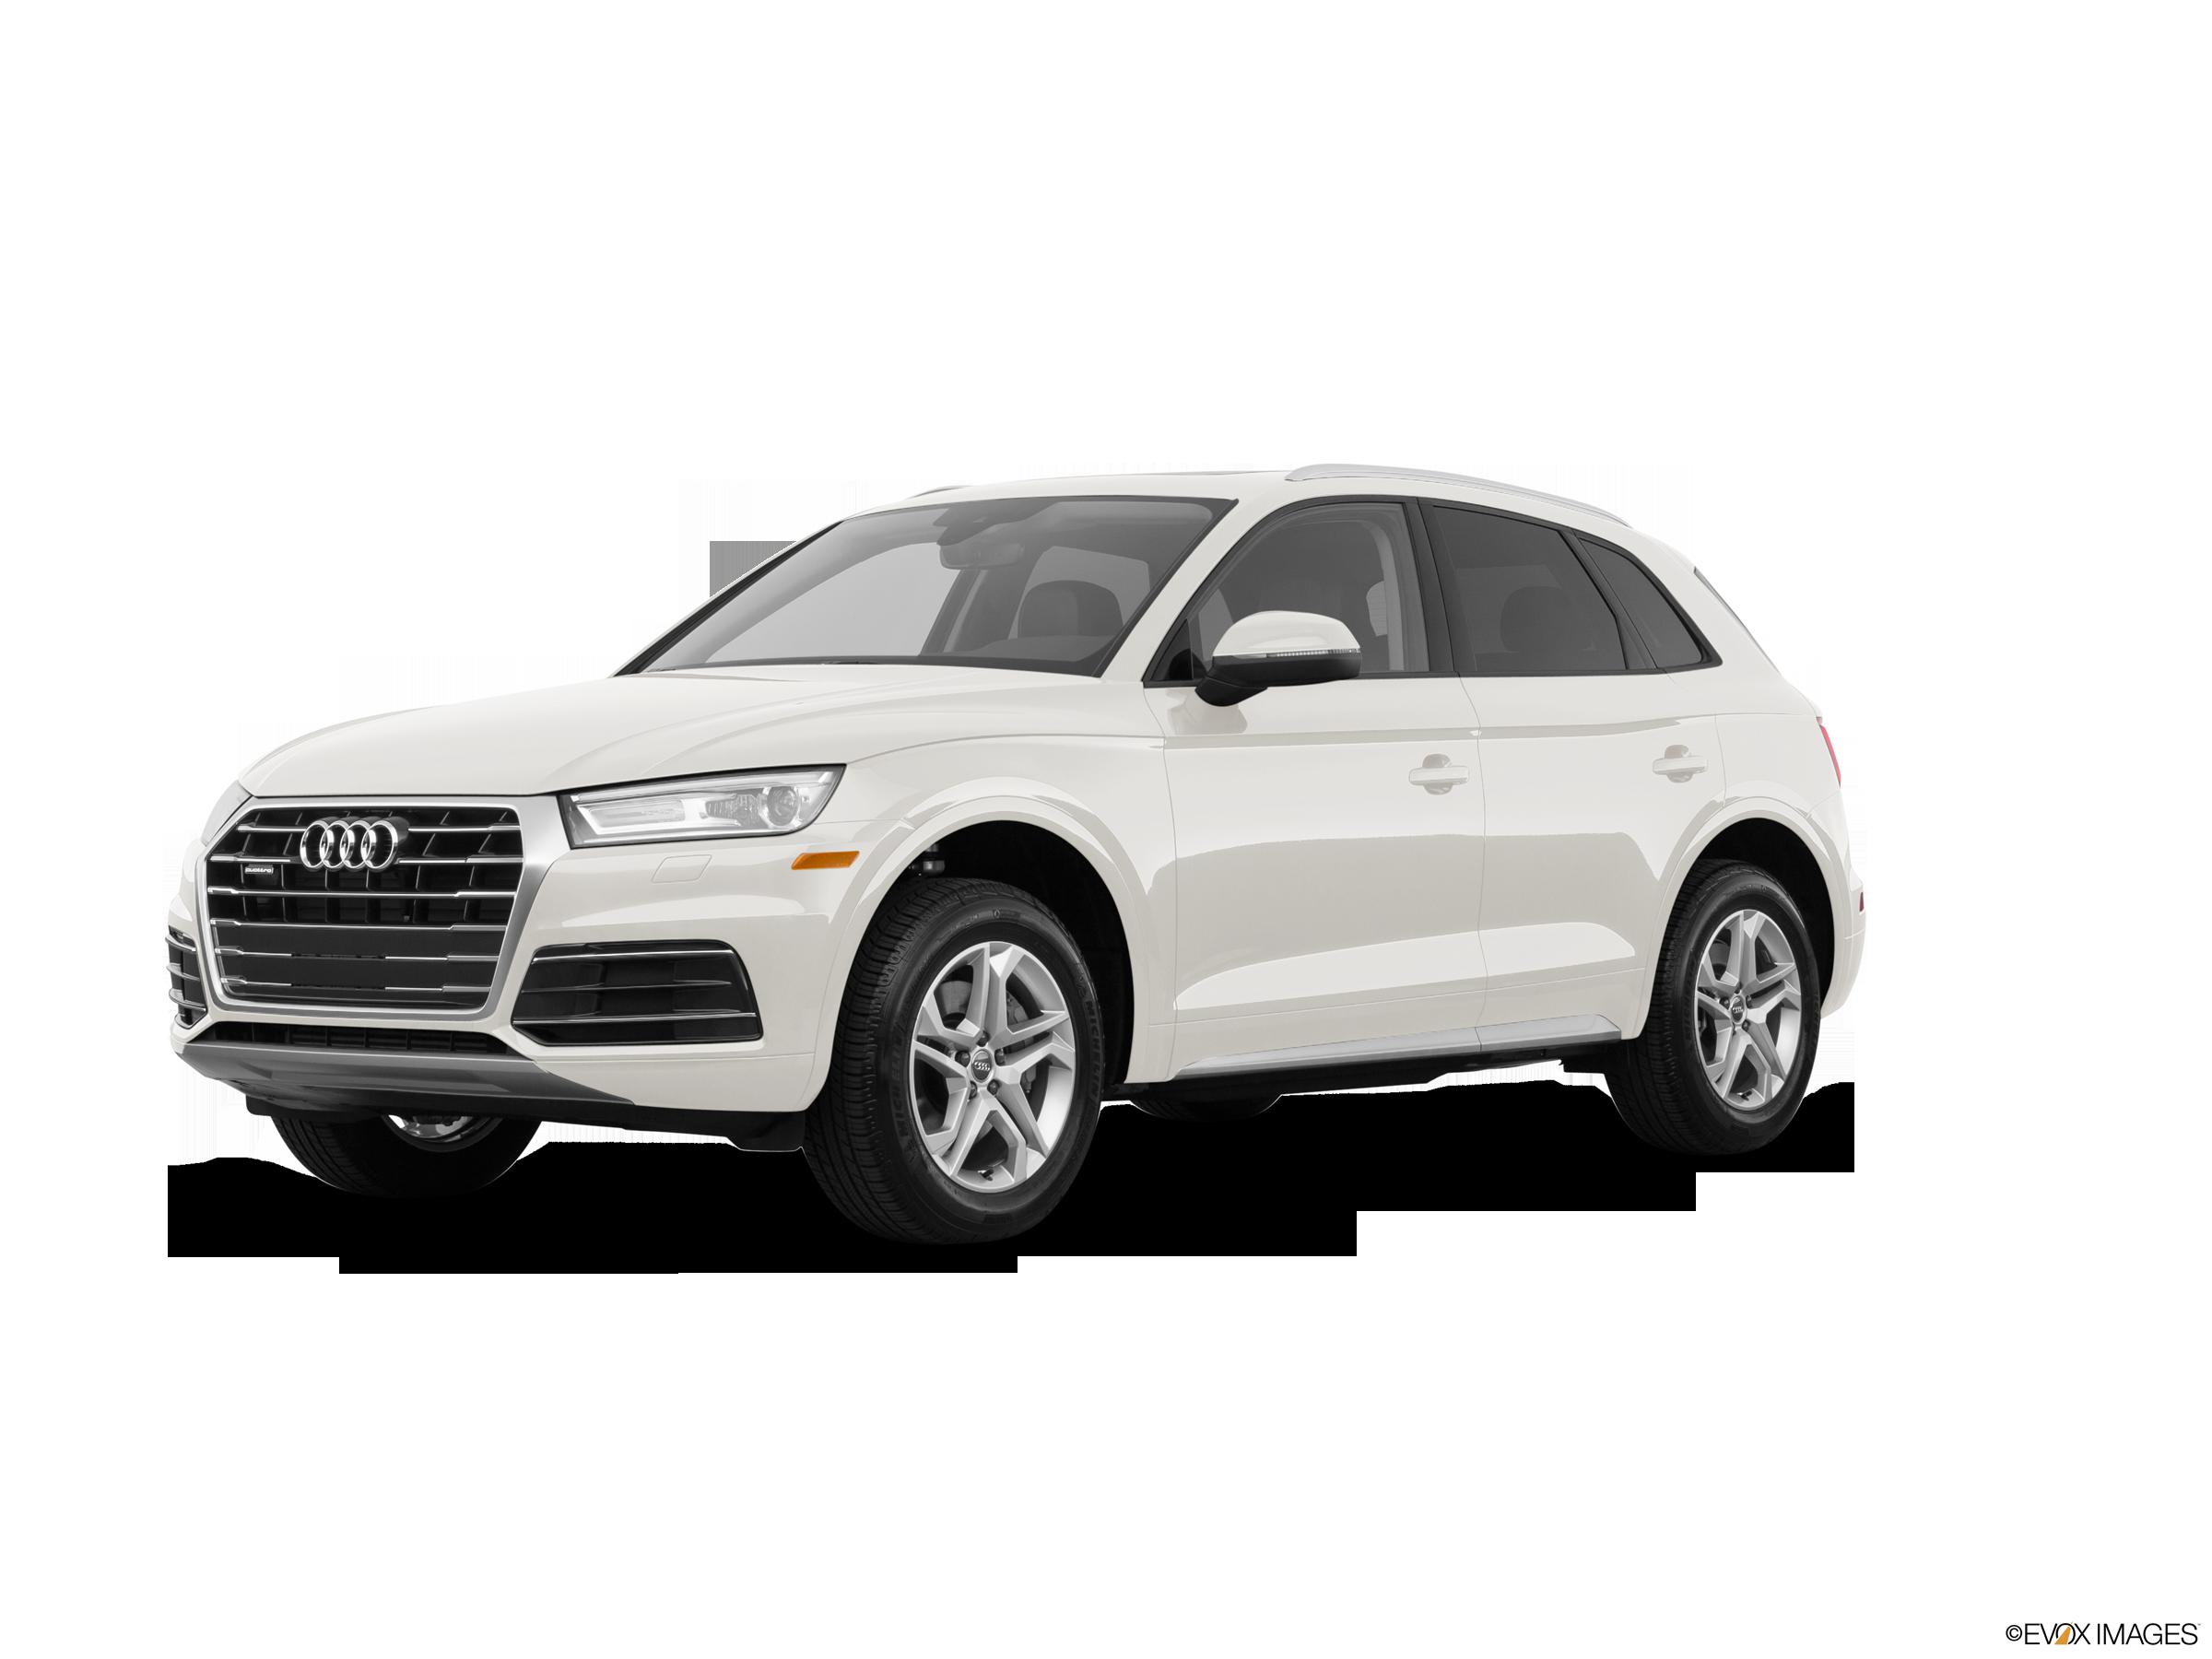 Kekurangan Audi Q5 2018 Top Model Tahun Ini